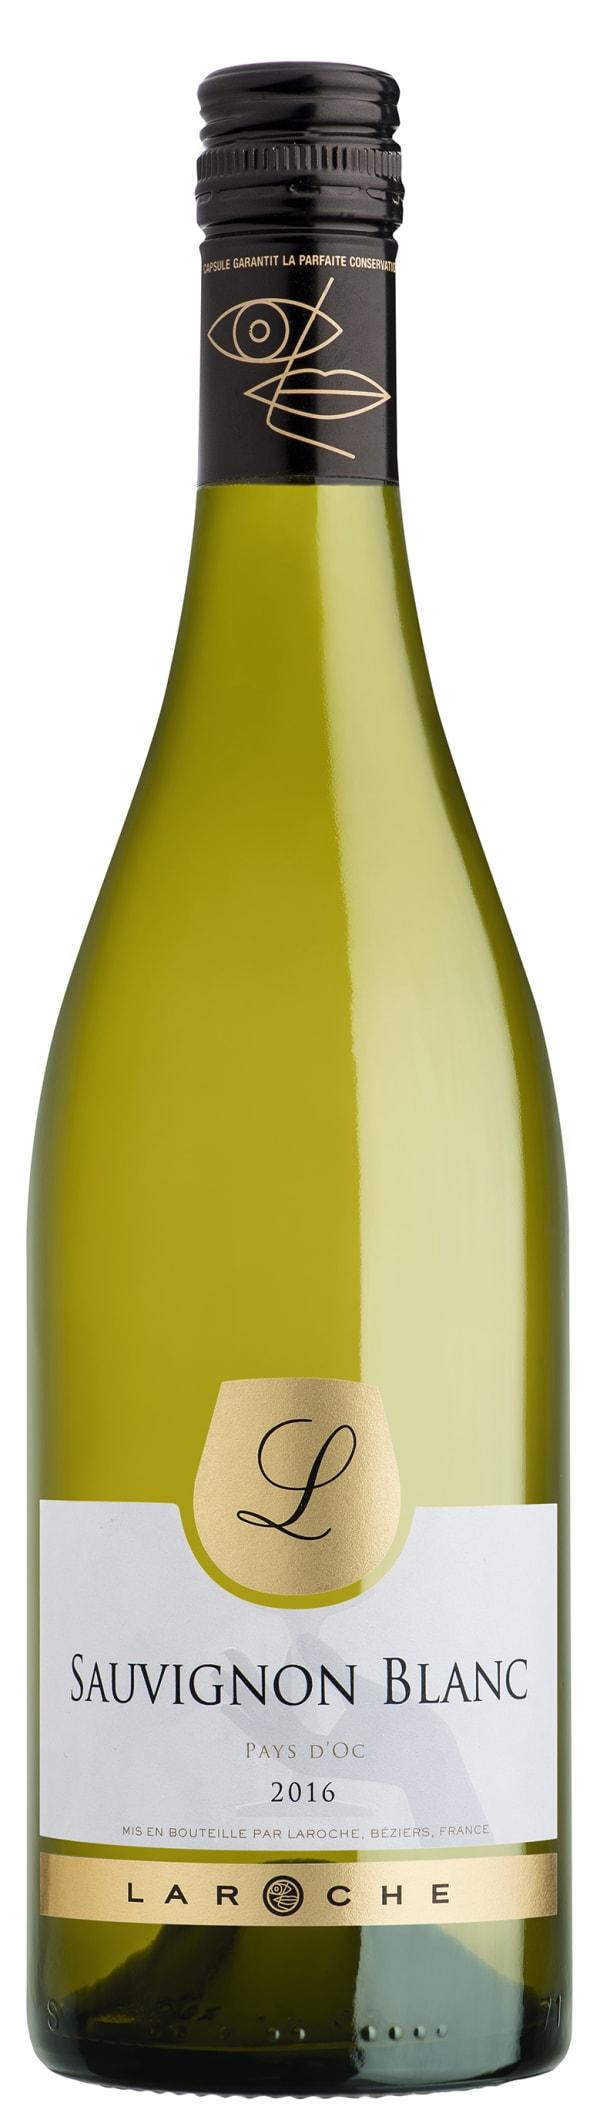 Laroche Sauvignon Blanc L 2016